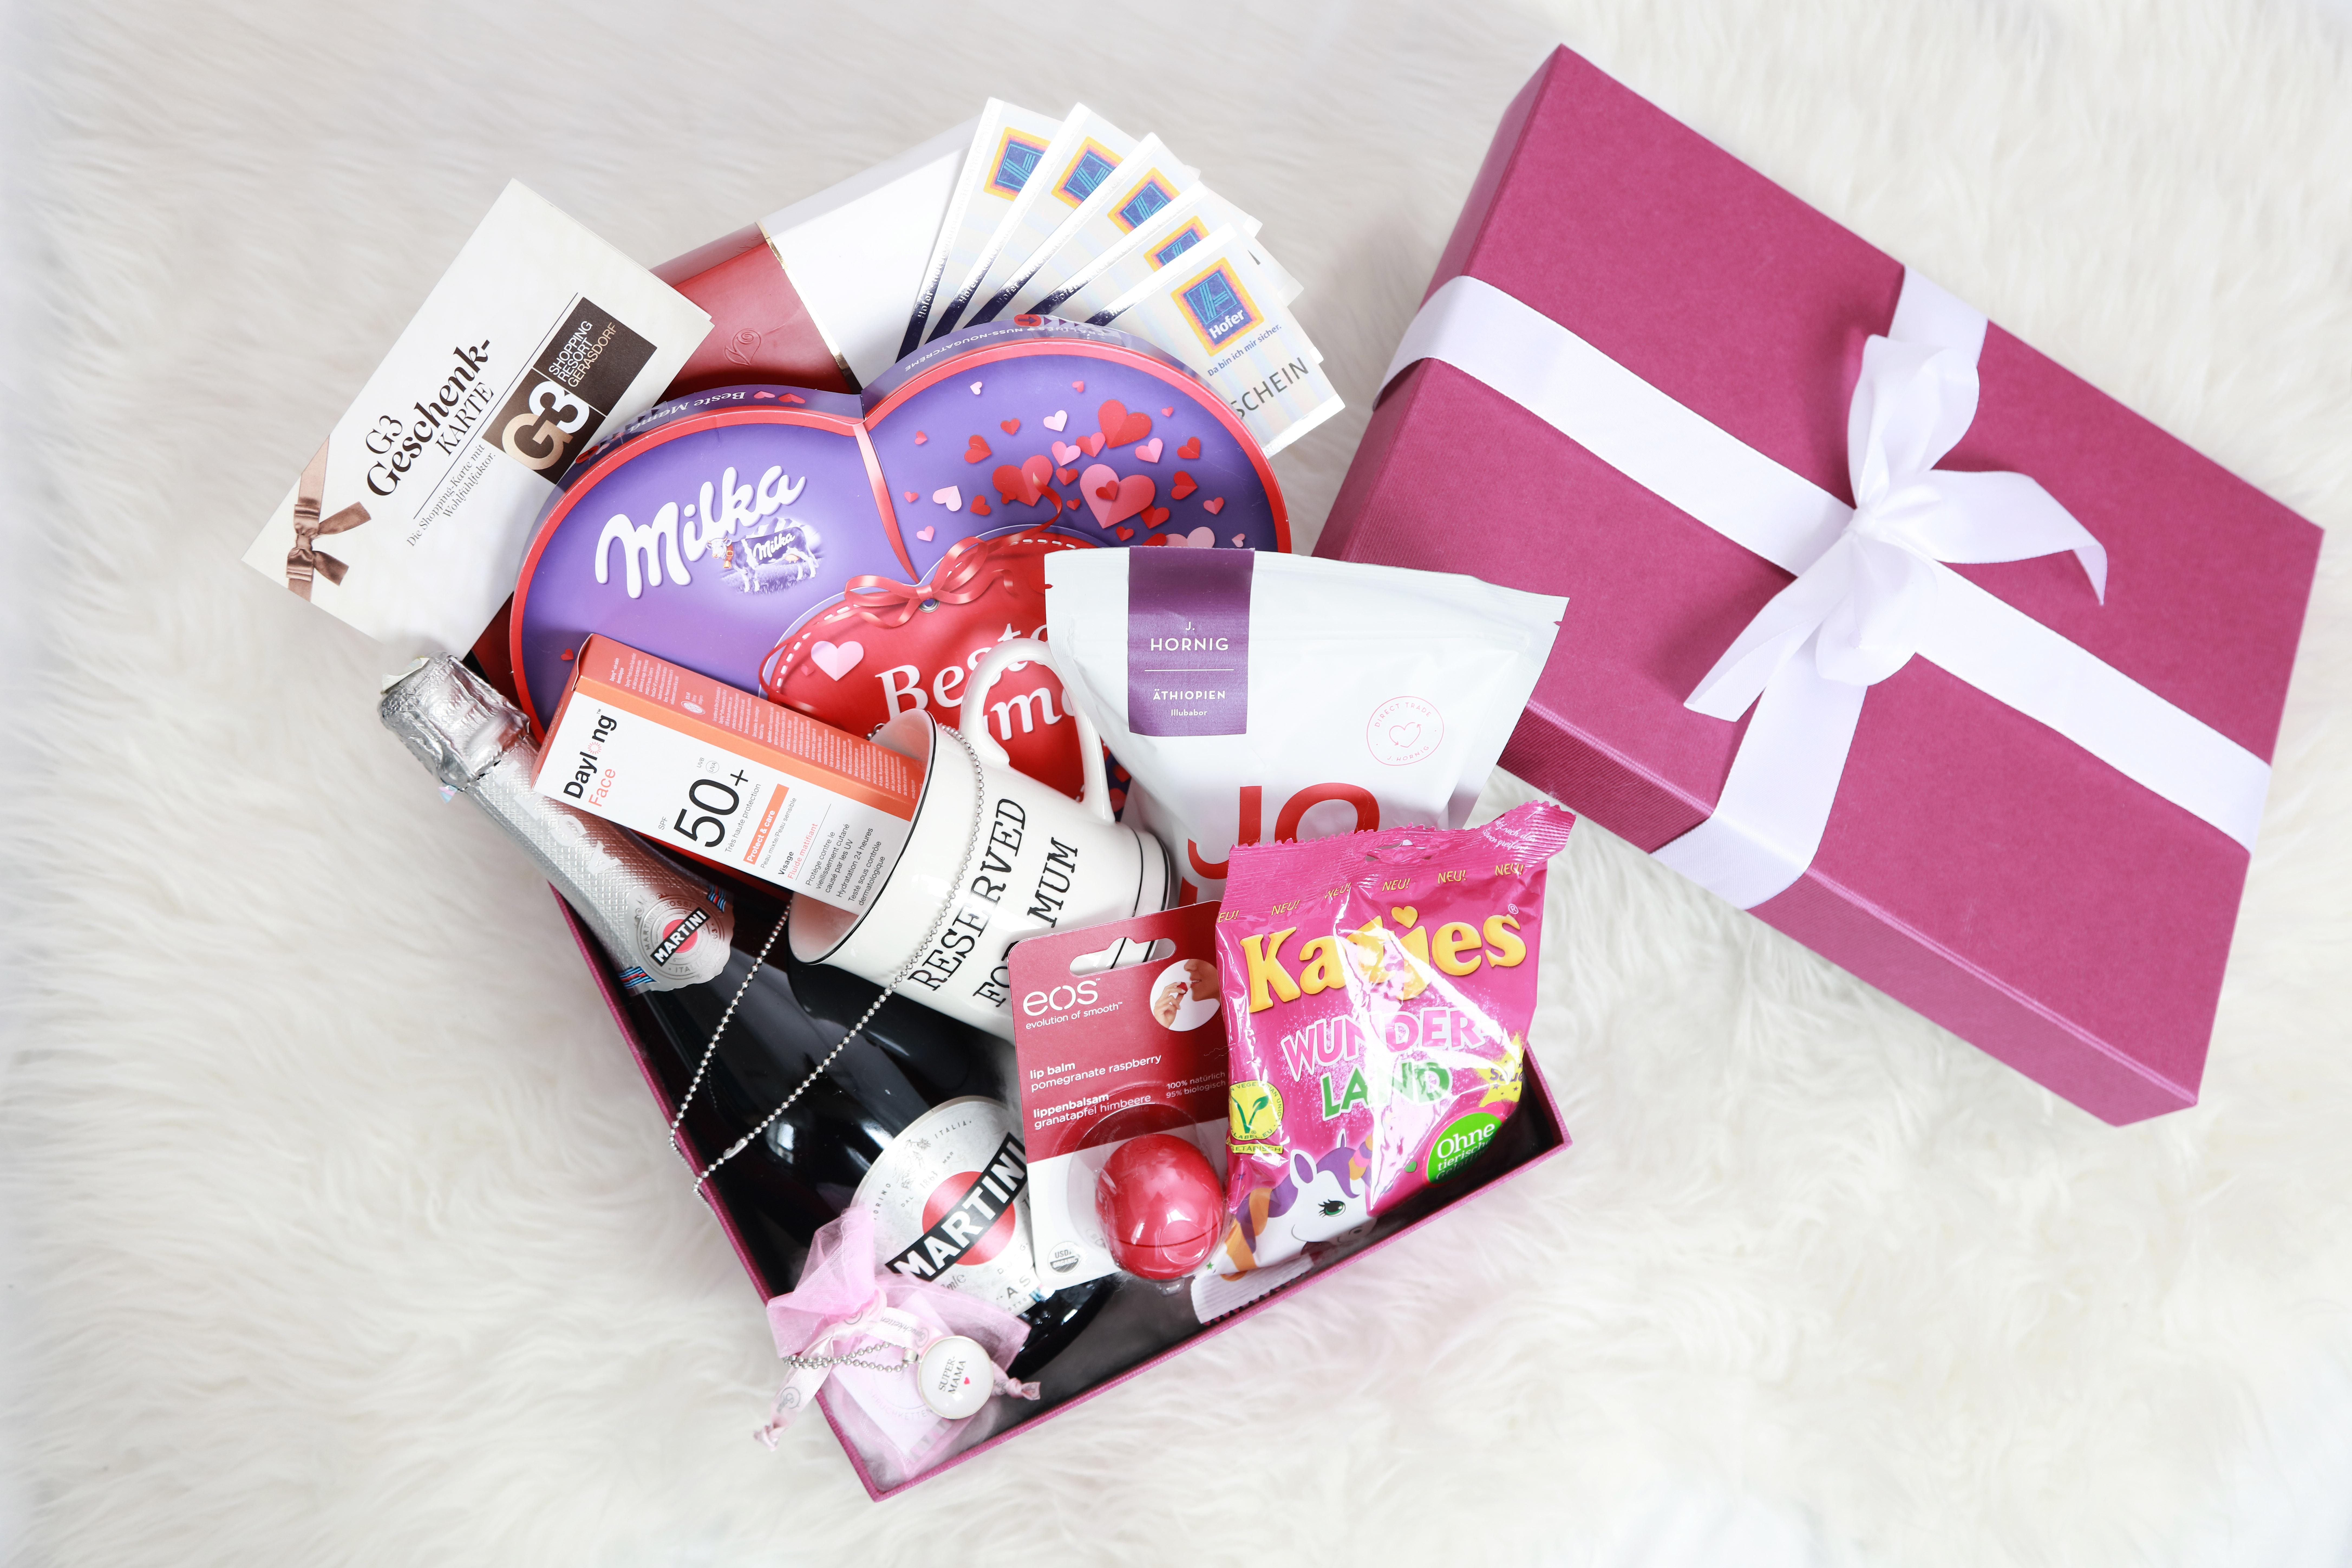 Muttertagsbox: Geschenkideen zum Muttertag, über die sich jede Mama freut